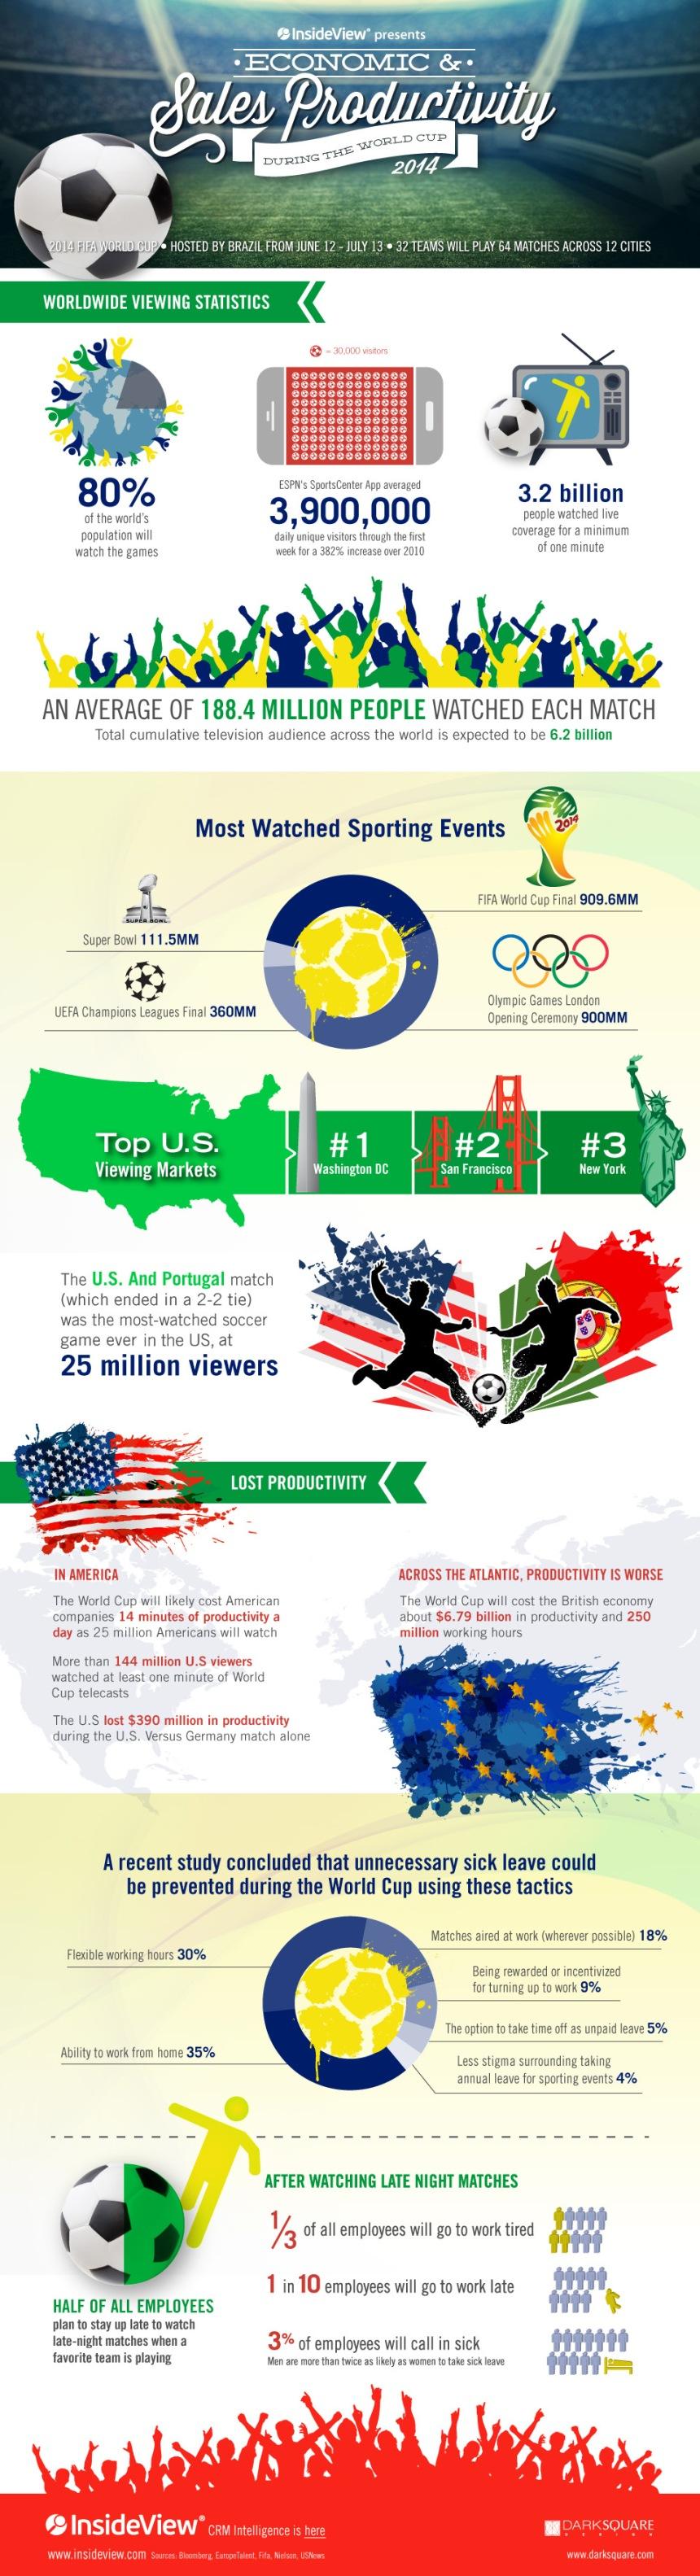 ¿El Mundial de fútbol influye en la productividad?